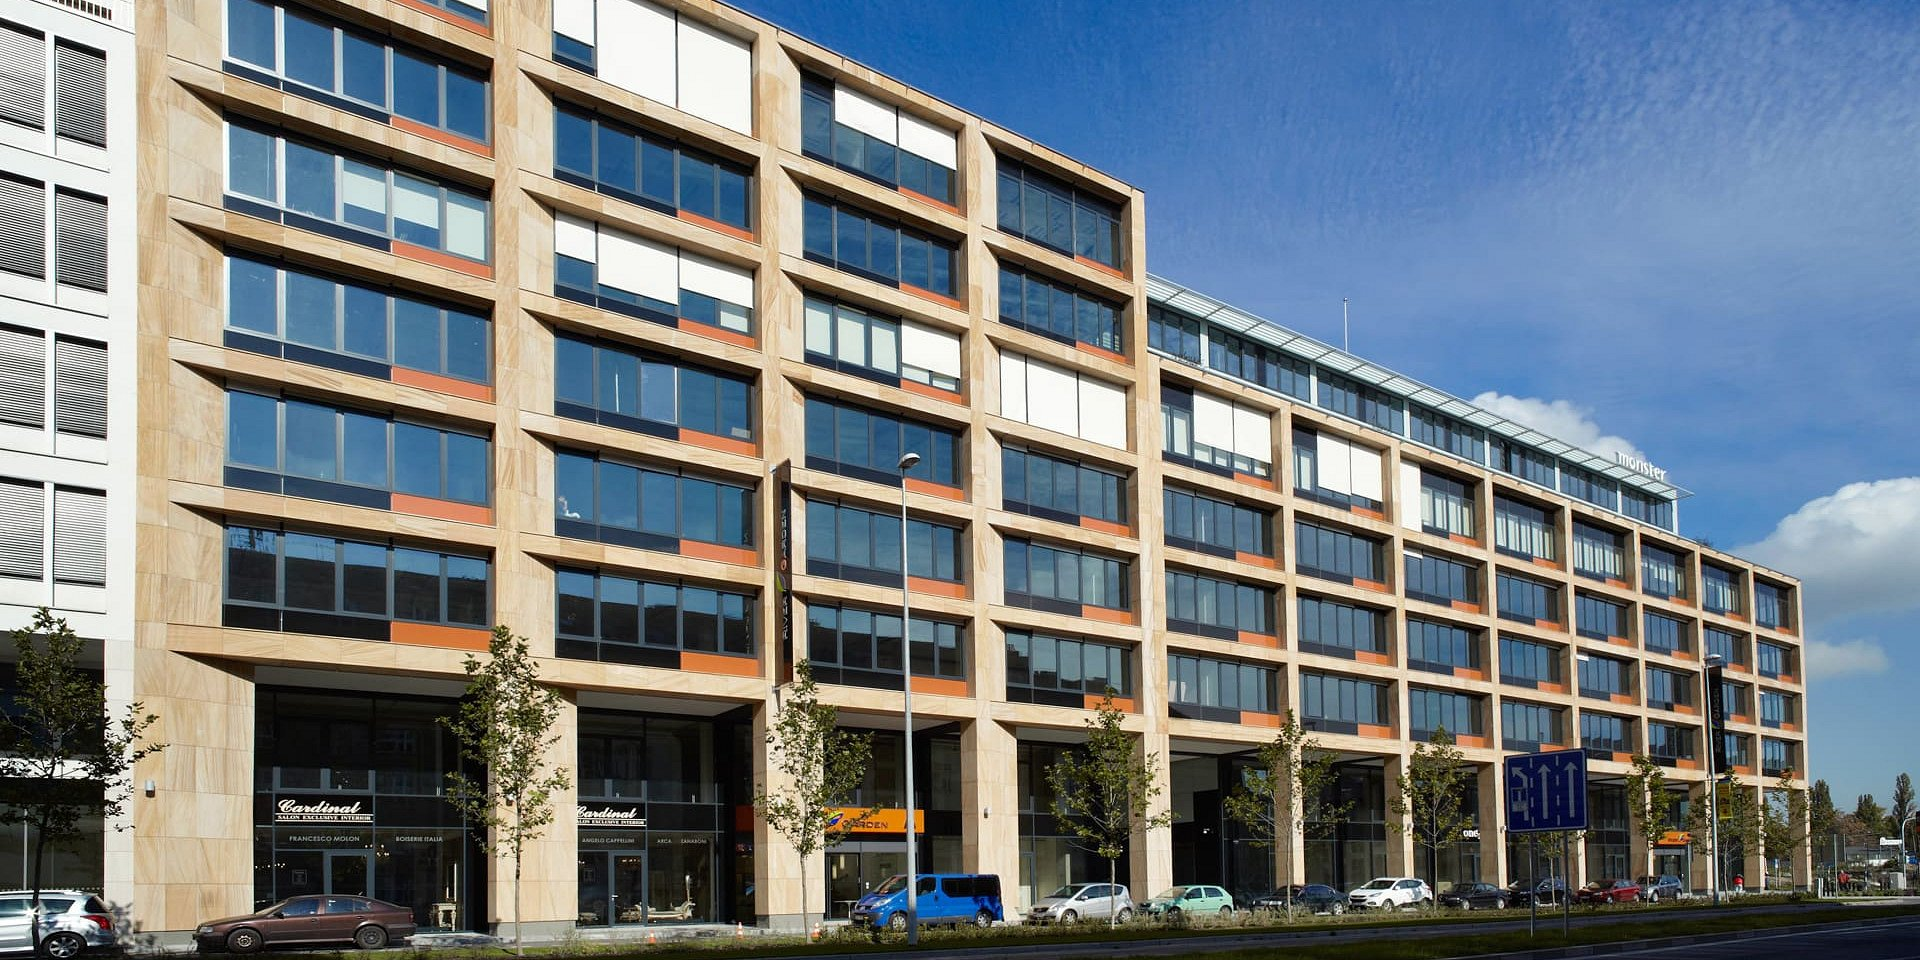 Německý fond Warburg-HIH Invest vstoupil na český trh – koupil komplex River Garden I